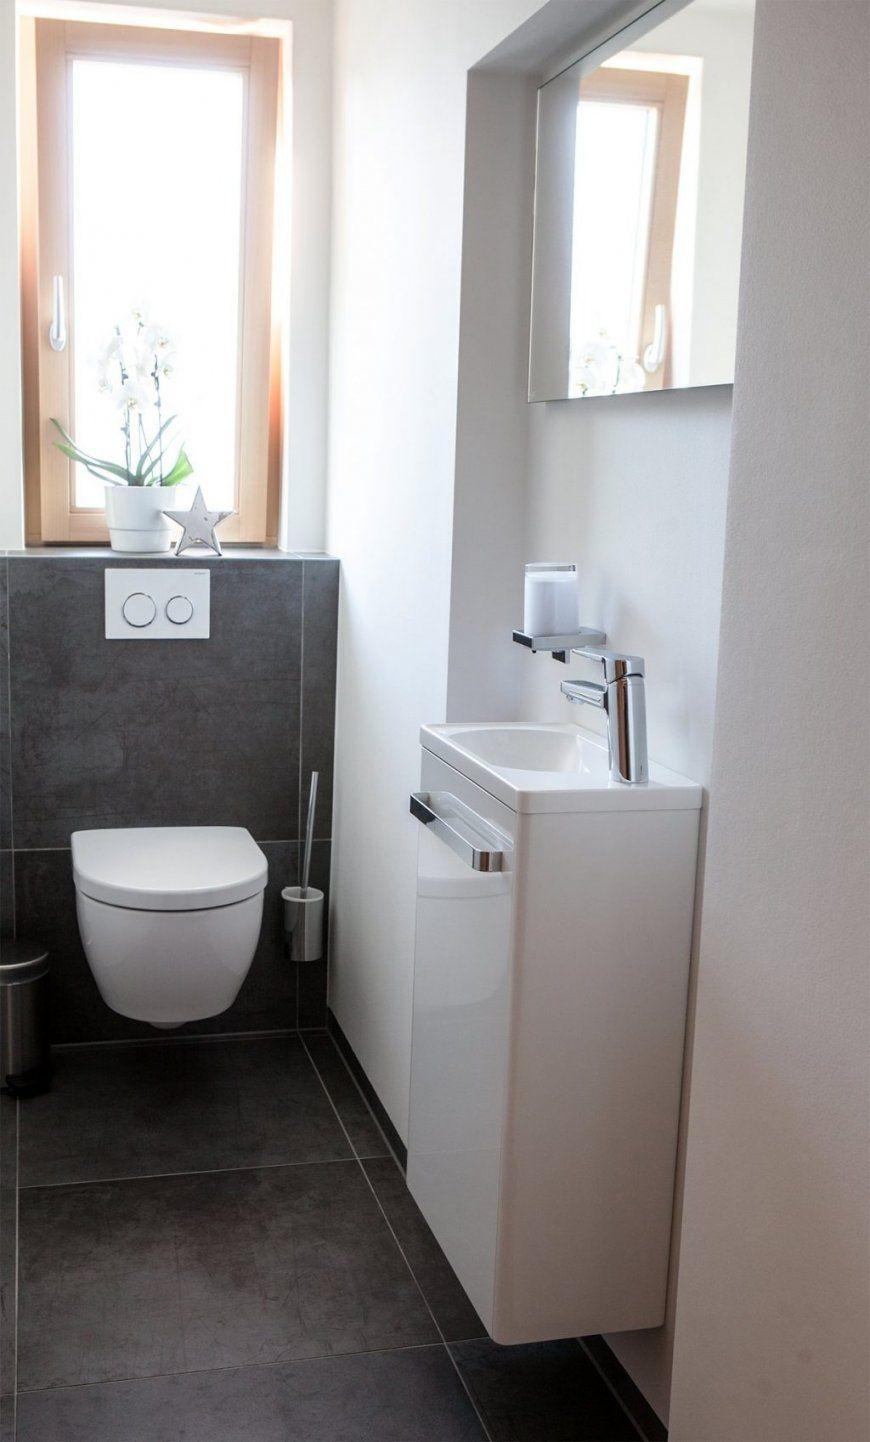 beeindruckend gste wc gestaltung wc ideen 15 top beispiele die von gste wc gestaltung beispiele photo - Gaste Wc Gestaltung Beispiele